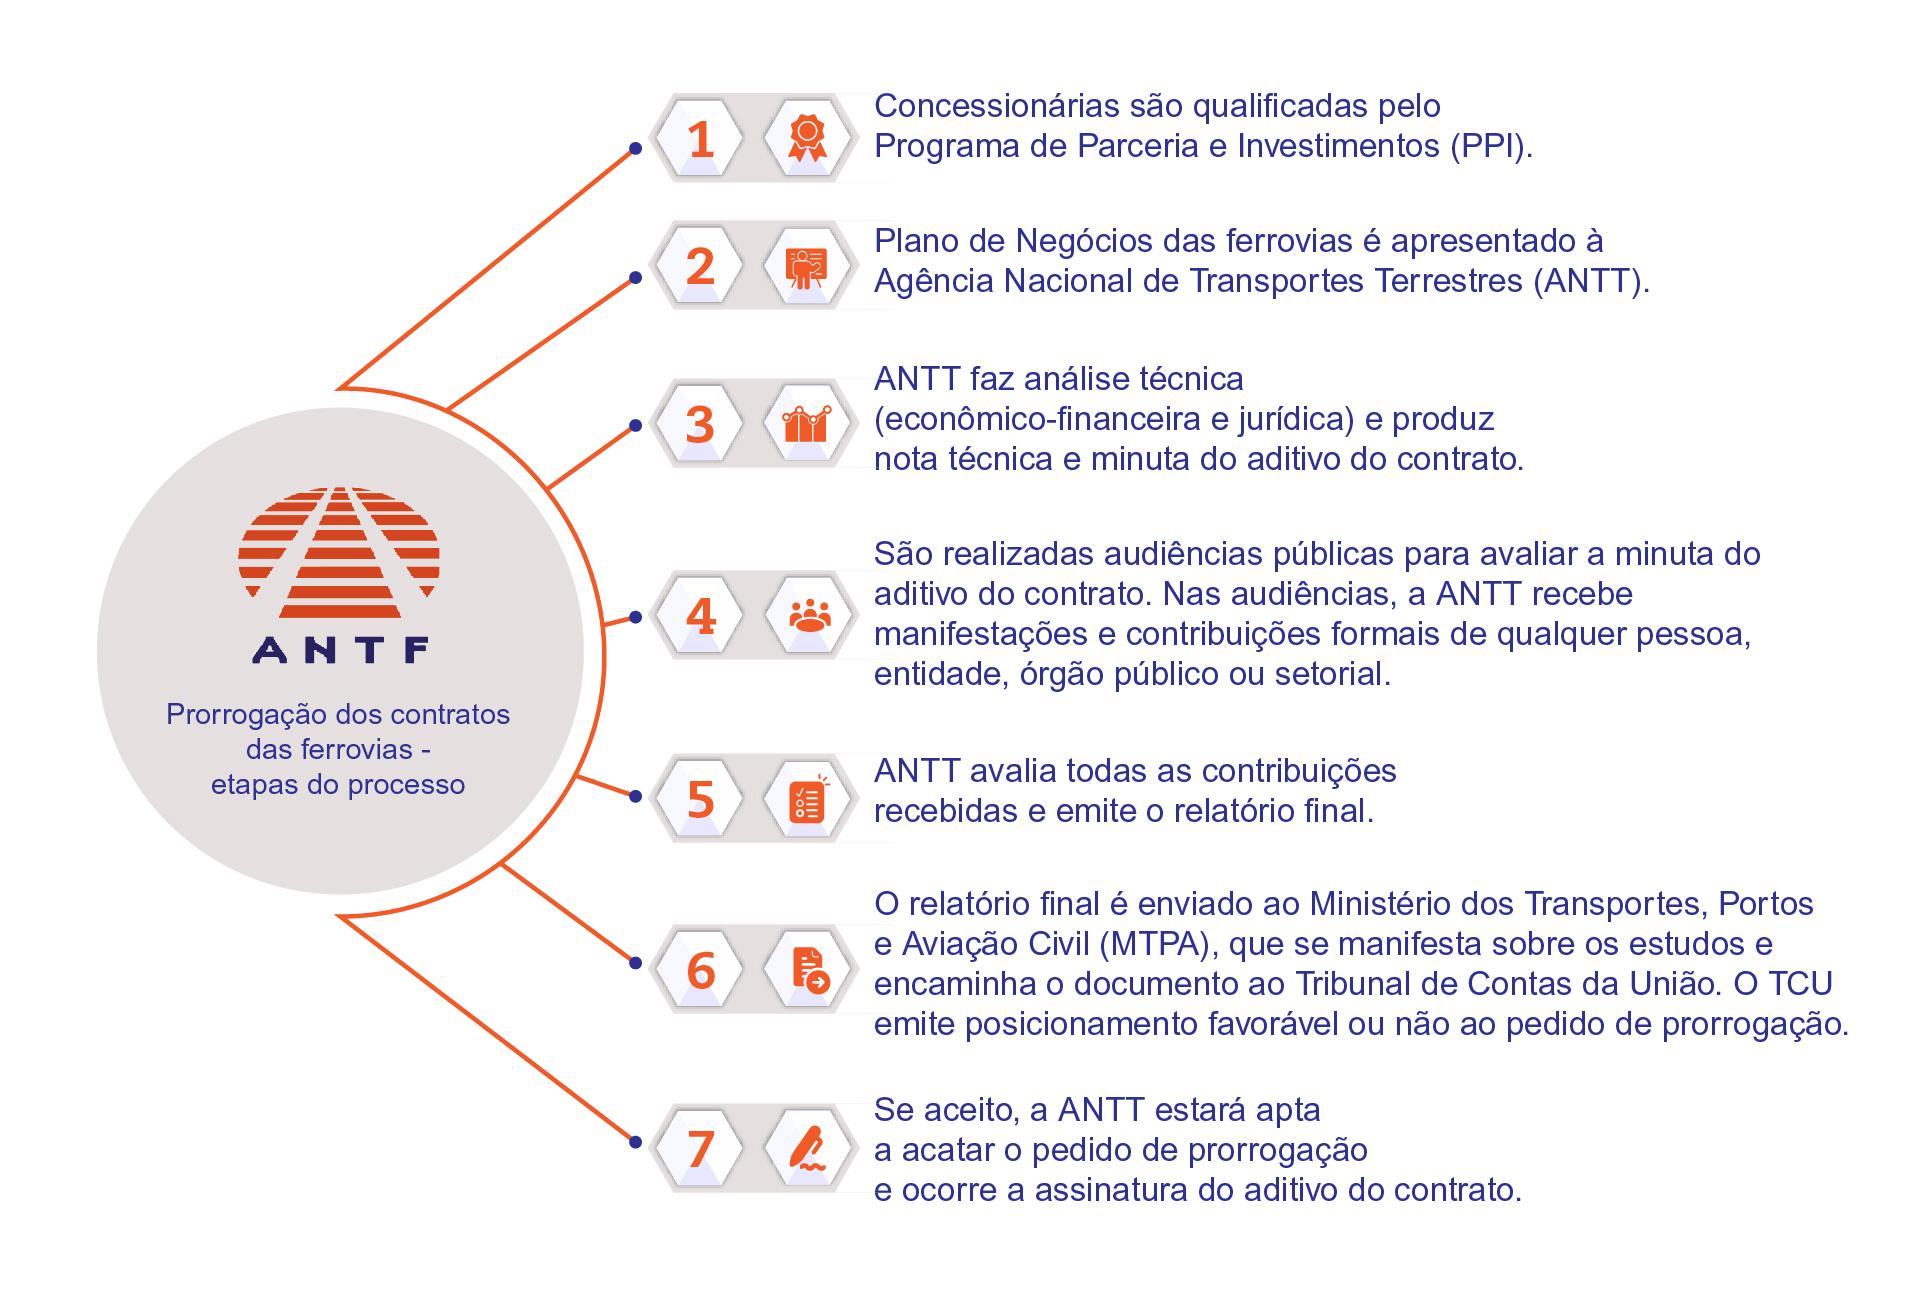 info antf conheça o processo de prorrogação site PRORROGAR AS CONCESSÕES É O MELHOR PARA O BRASIL ENTENDA O PROCESSO E CONHEÇA OS BENEFÍCIOS